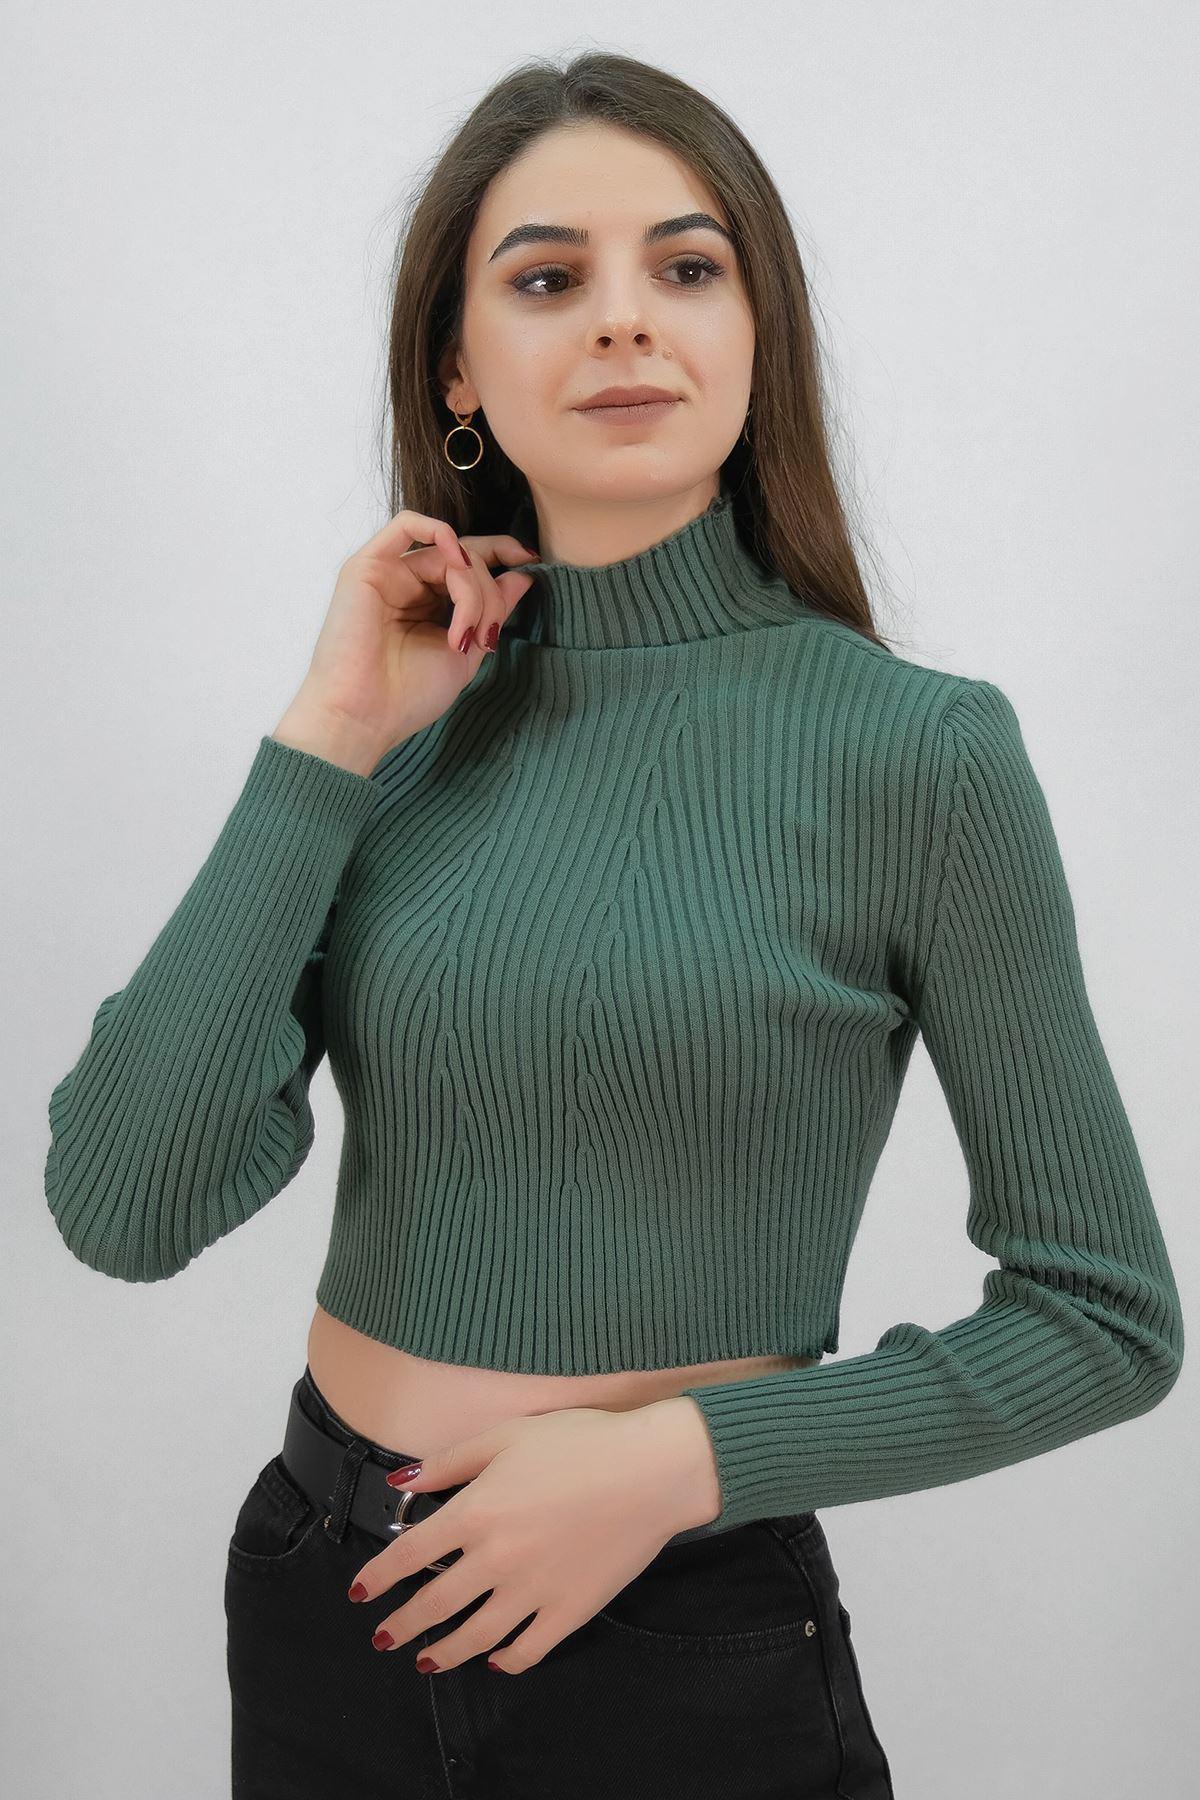 Dikişsiz Yarım Boğazlı Triko Yeşil - 1219.483.